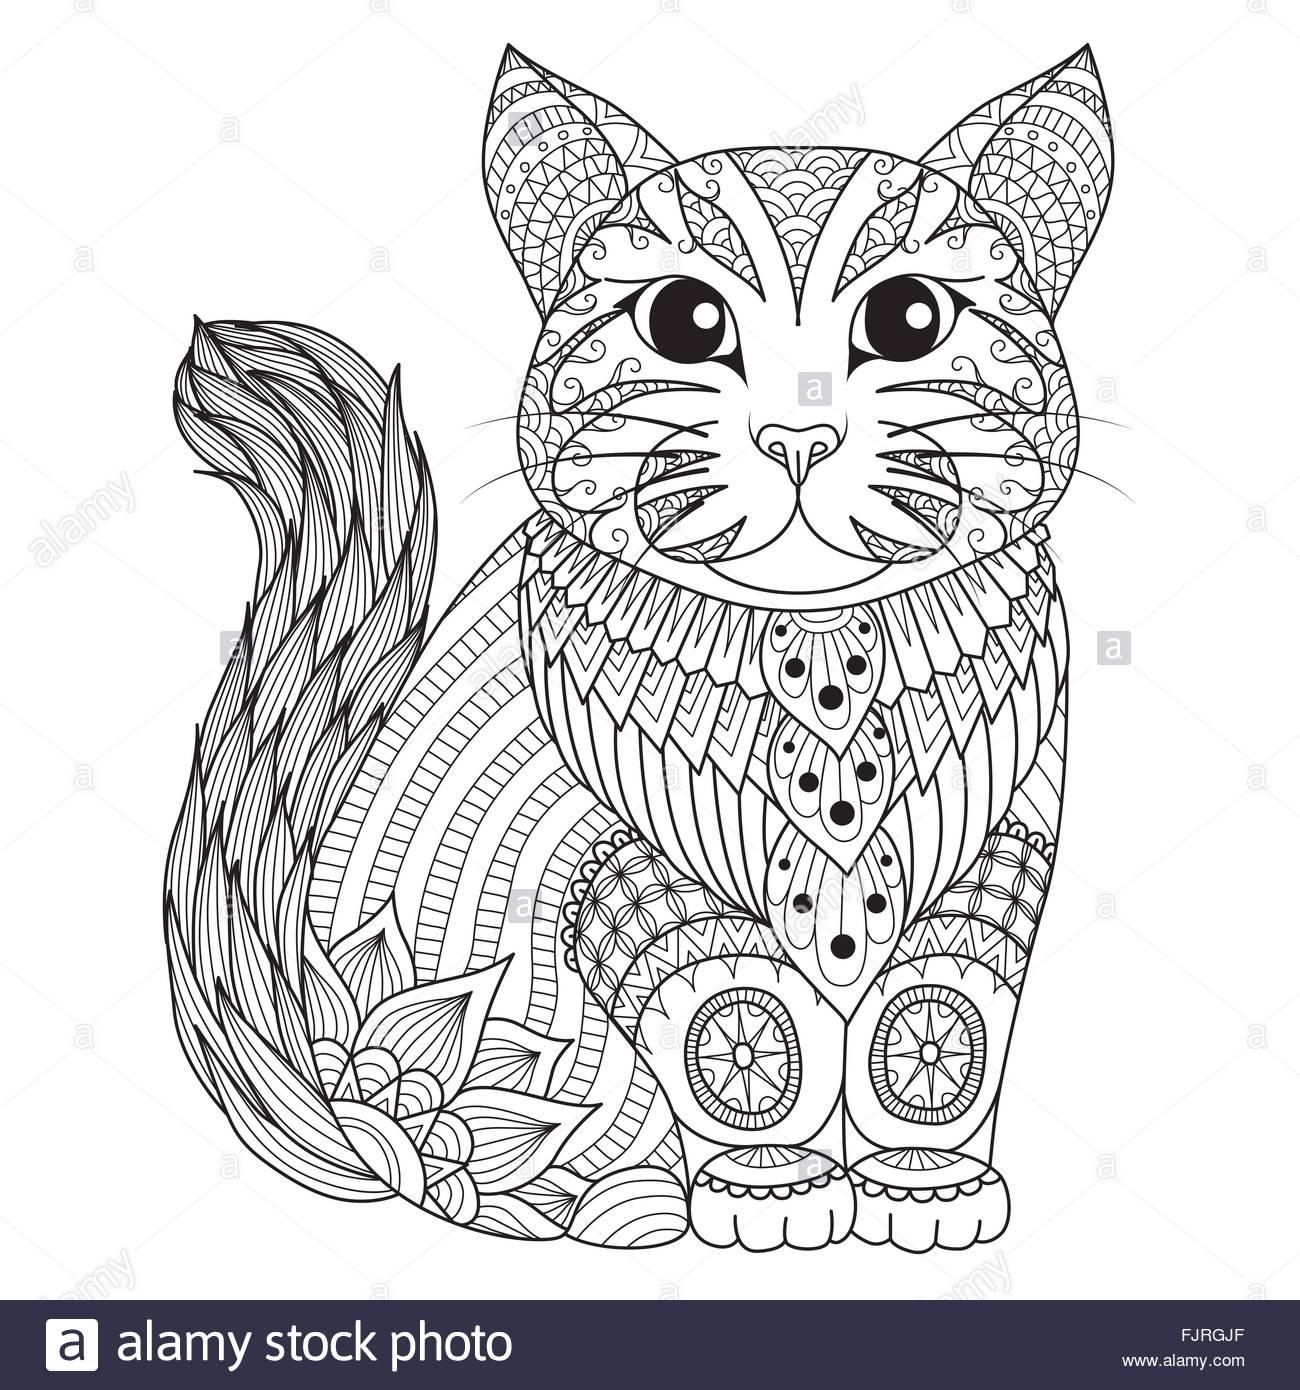 Zendoodle Design Of Cute Cat For T Shirt Designtattoodesign